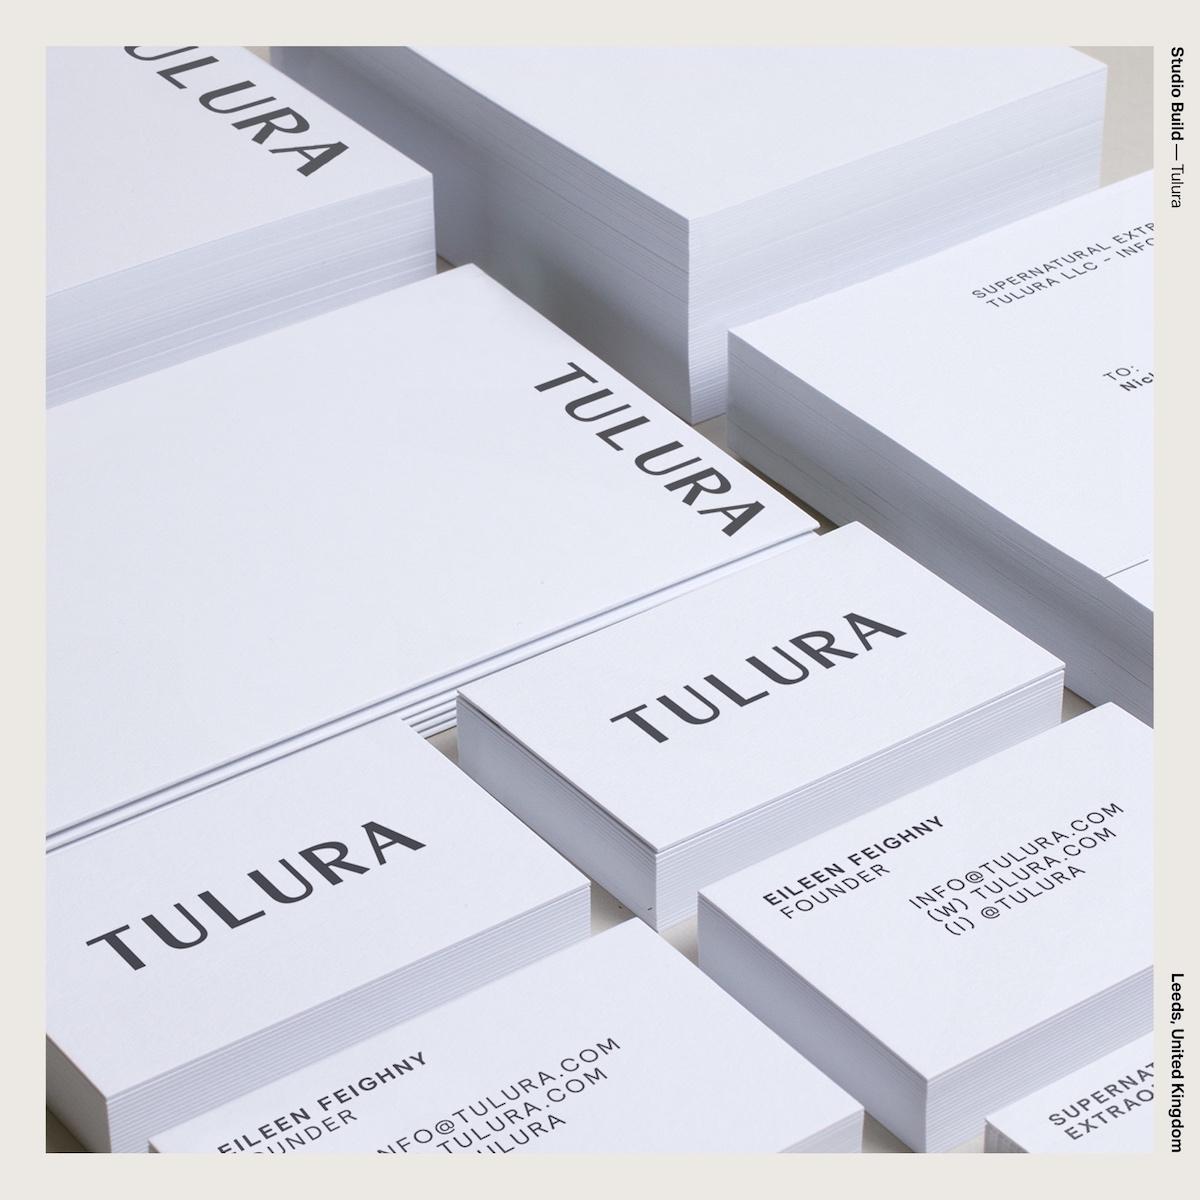 Studio Build — Tulura